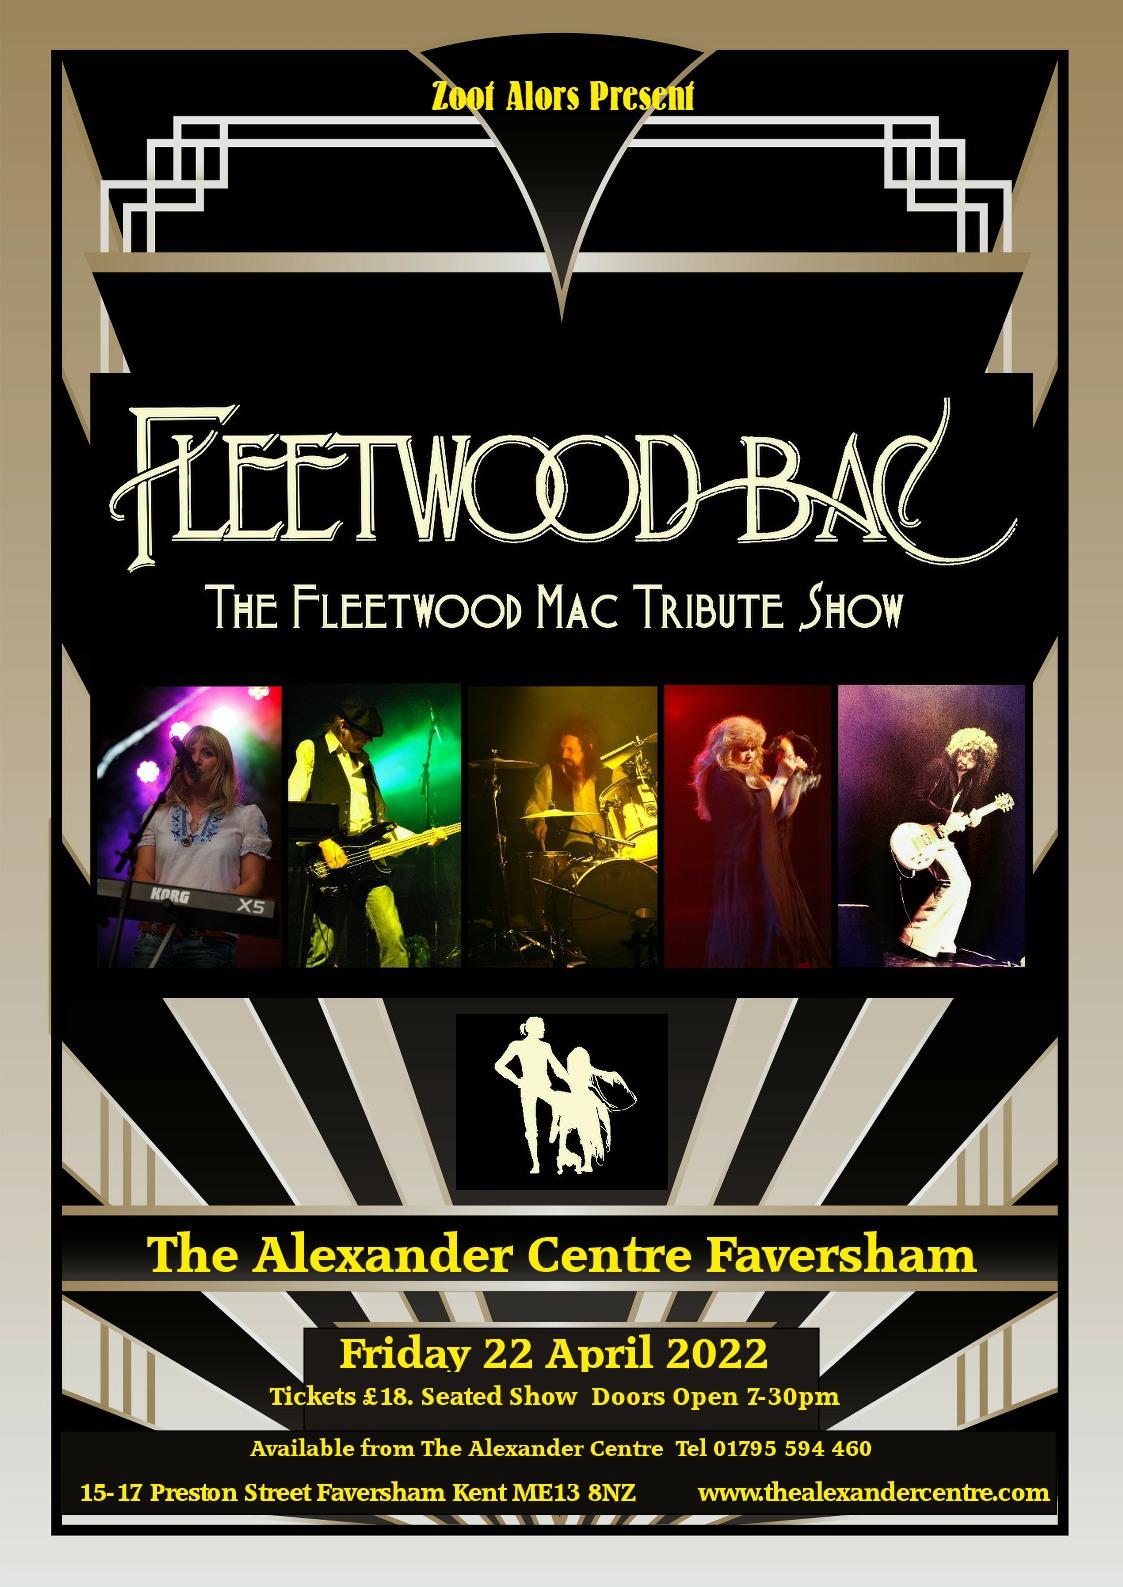 Fleetwood Bac - the Fleetwood Mac Tribute Show